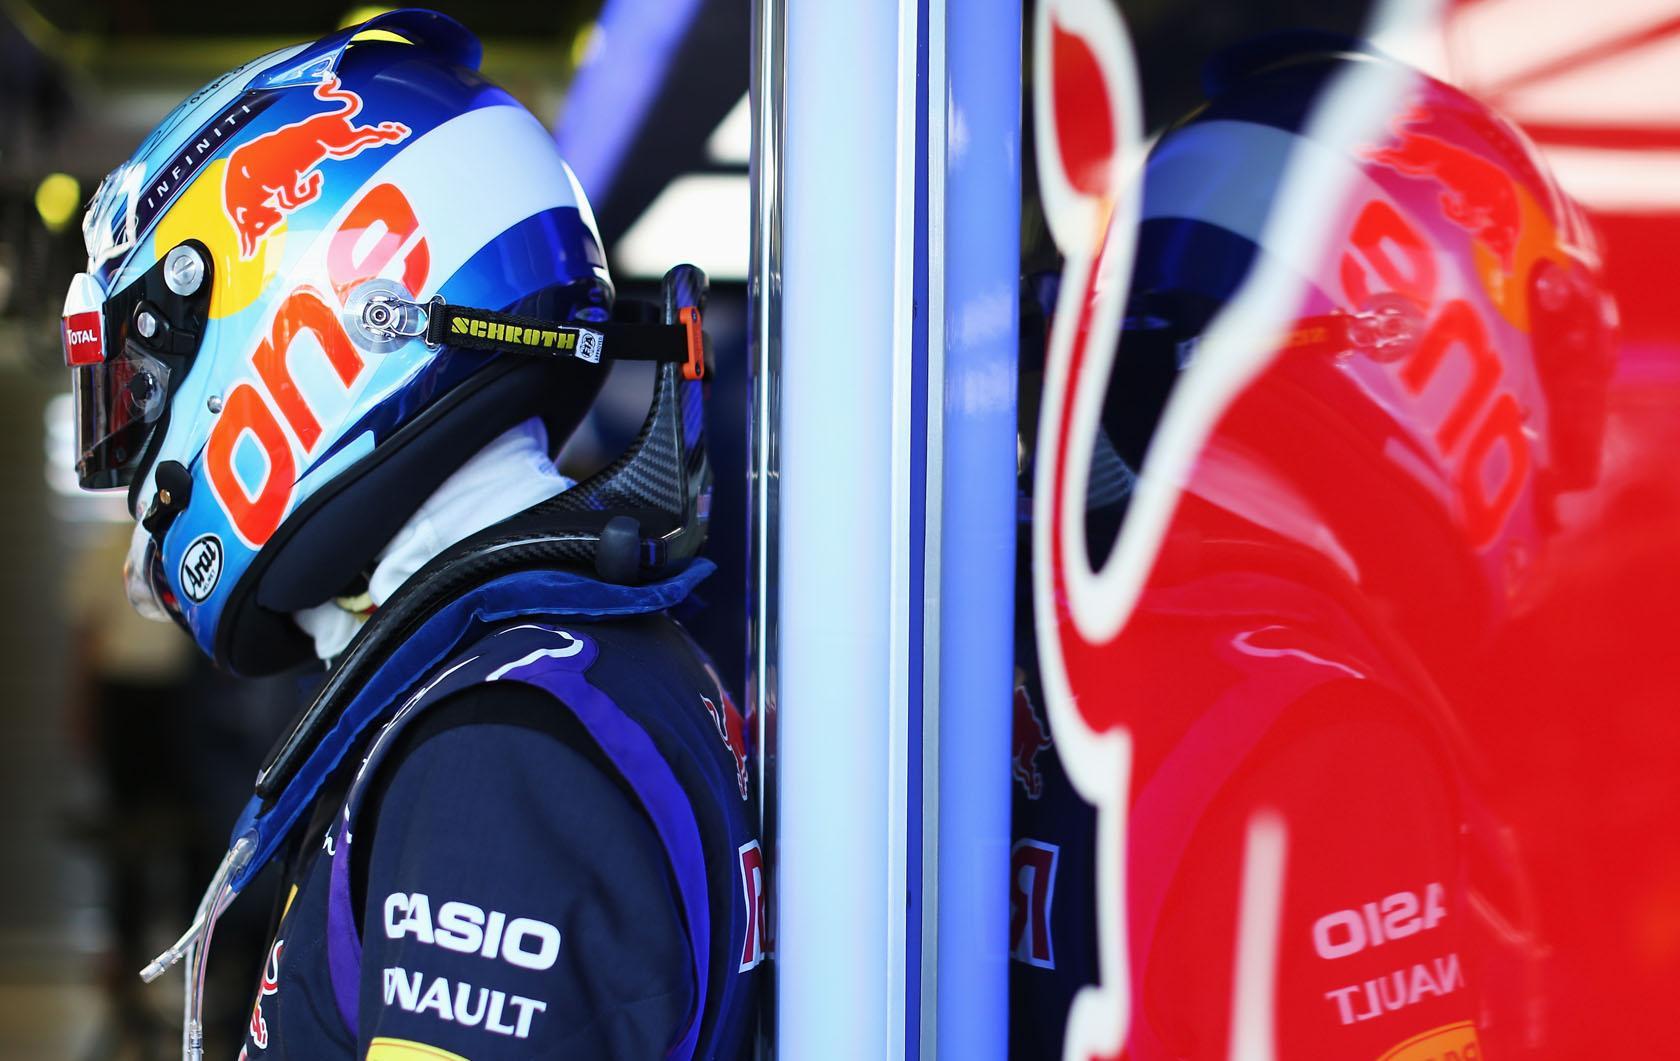 Vettel holnap sok lehetőséggel számol: jó Q3-at remél a csapattársának